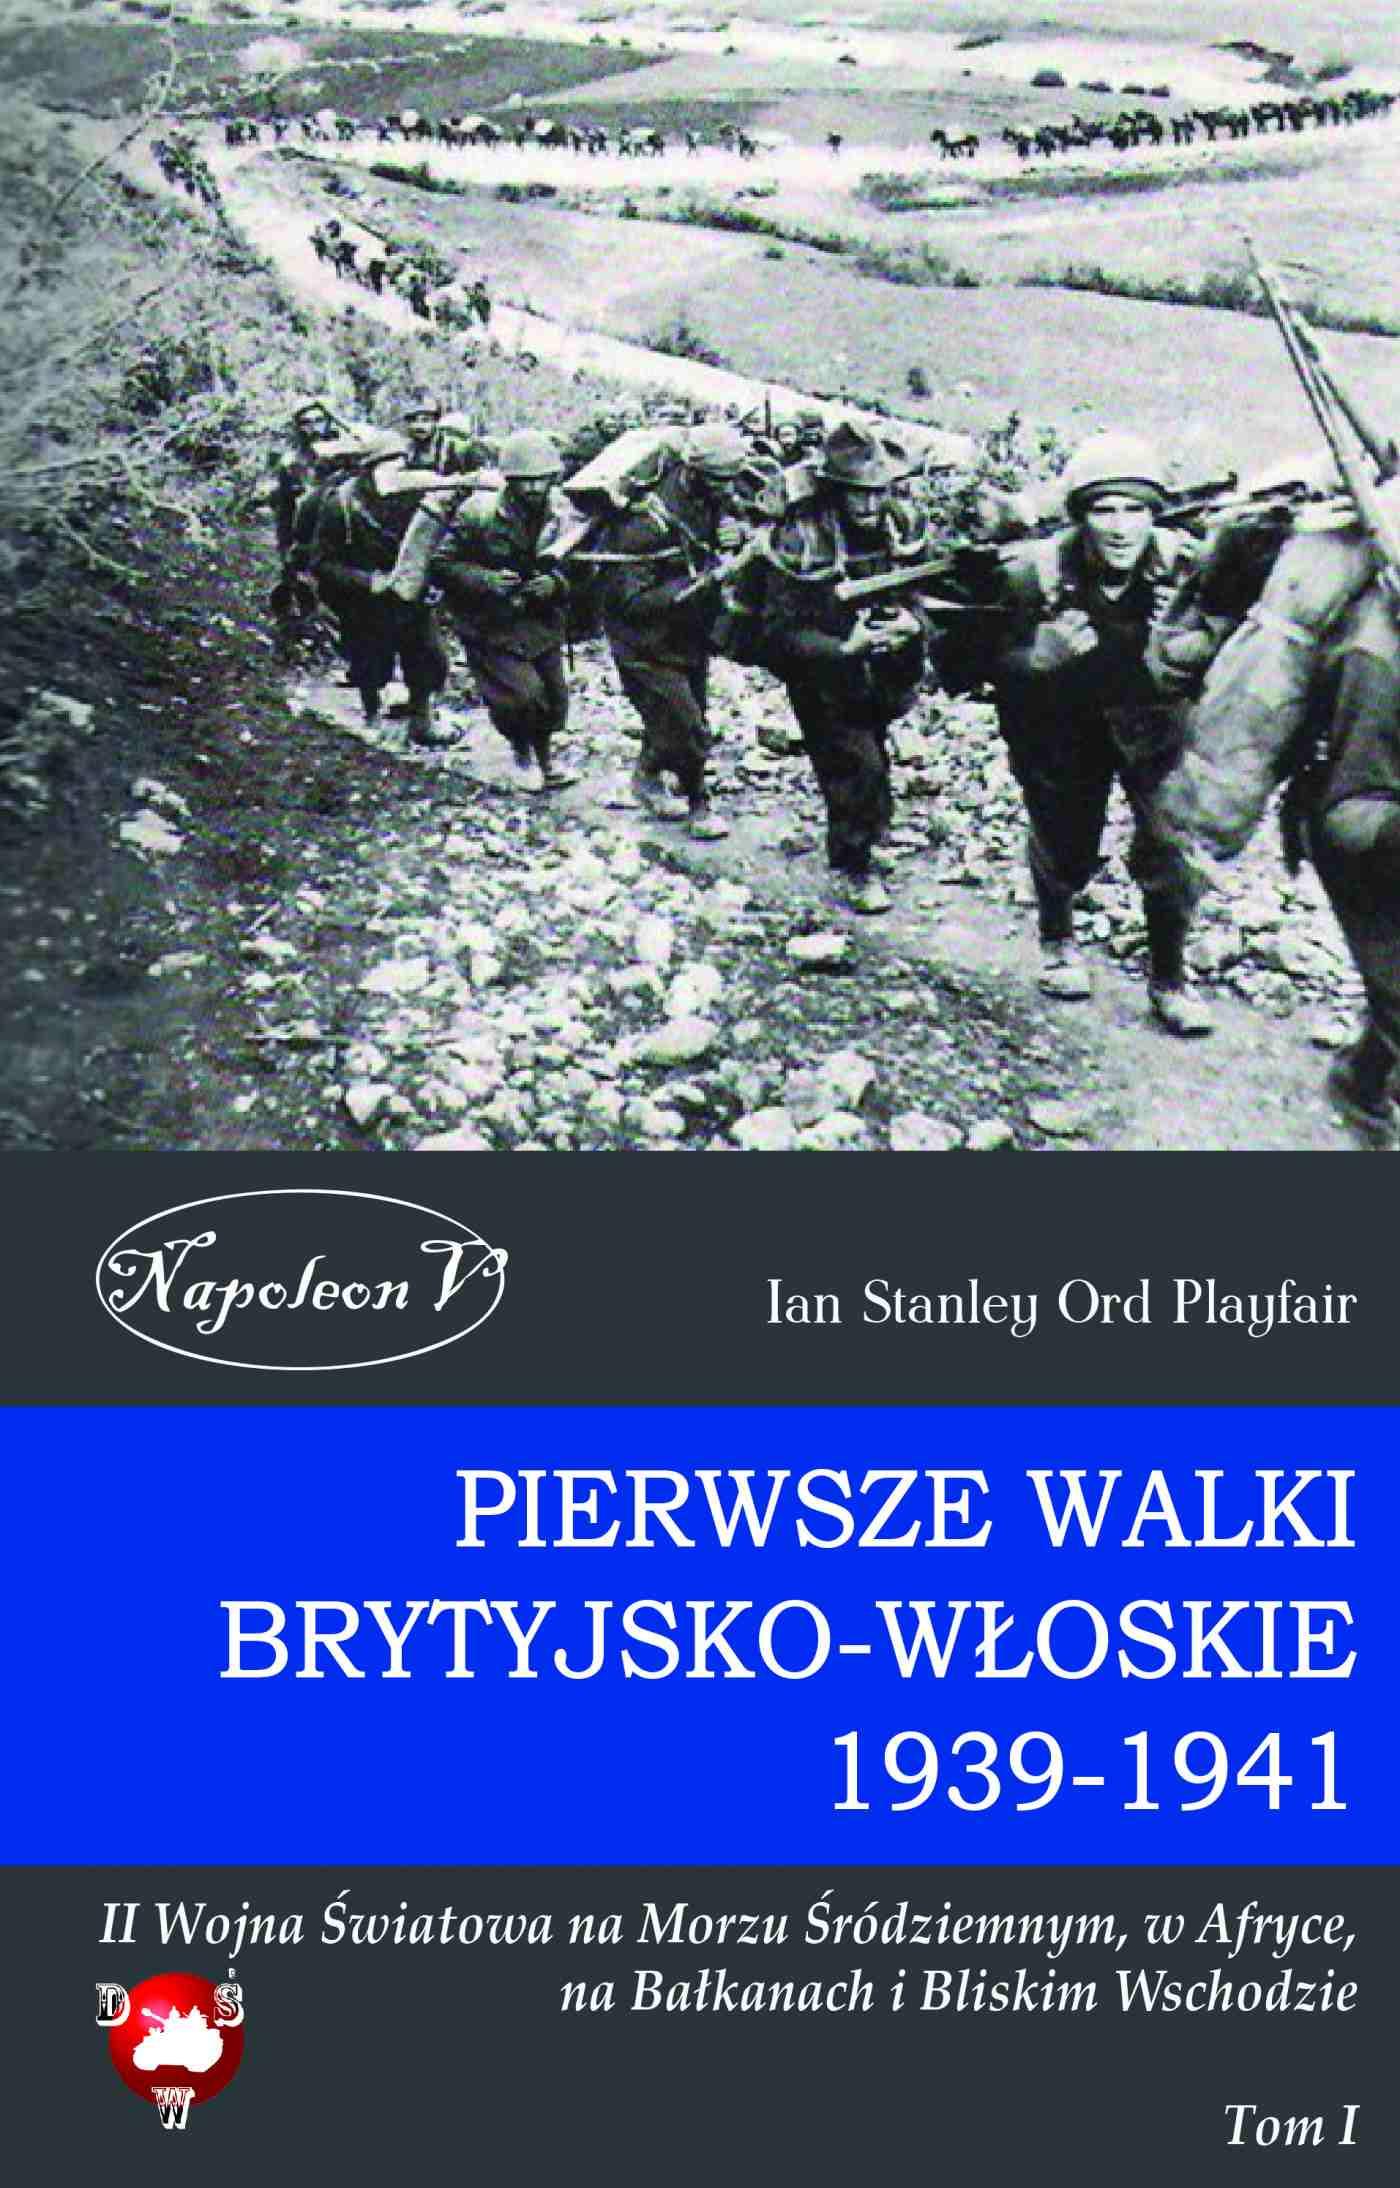 Pierwsze walki brytyjsko-włoskie 1939-1941. Tom I - Ebook (Książka EPUB) do pobrania w formacie EPUB